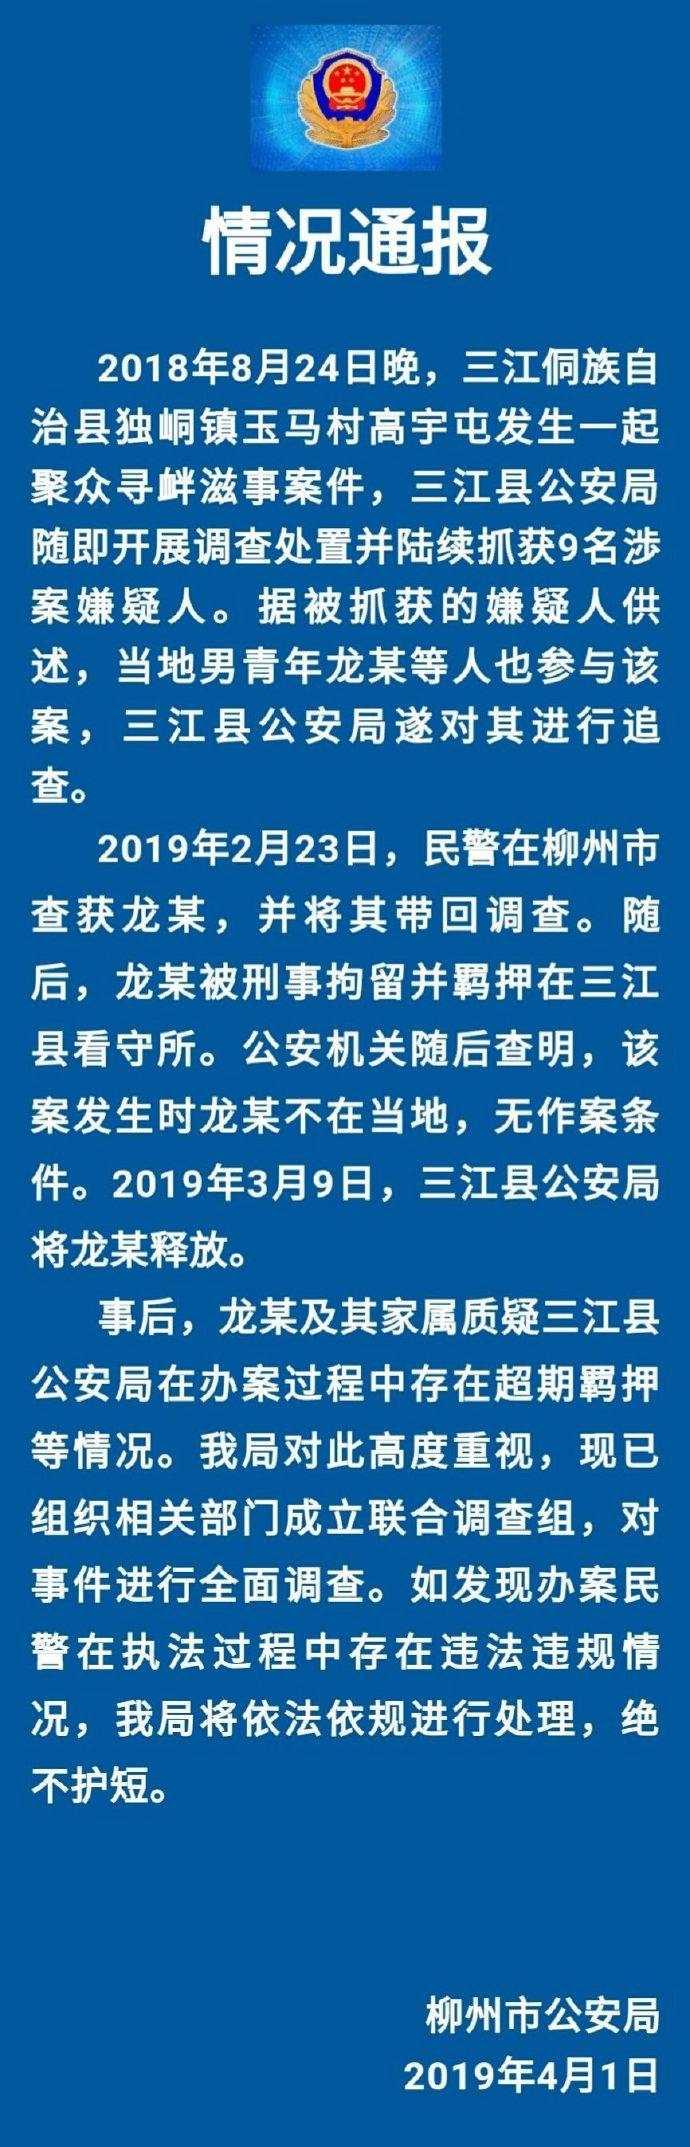 """广西一青年疑被""""错误""""羁押14天 警方已成立调查组"""